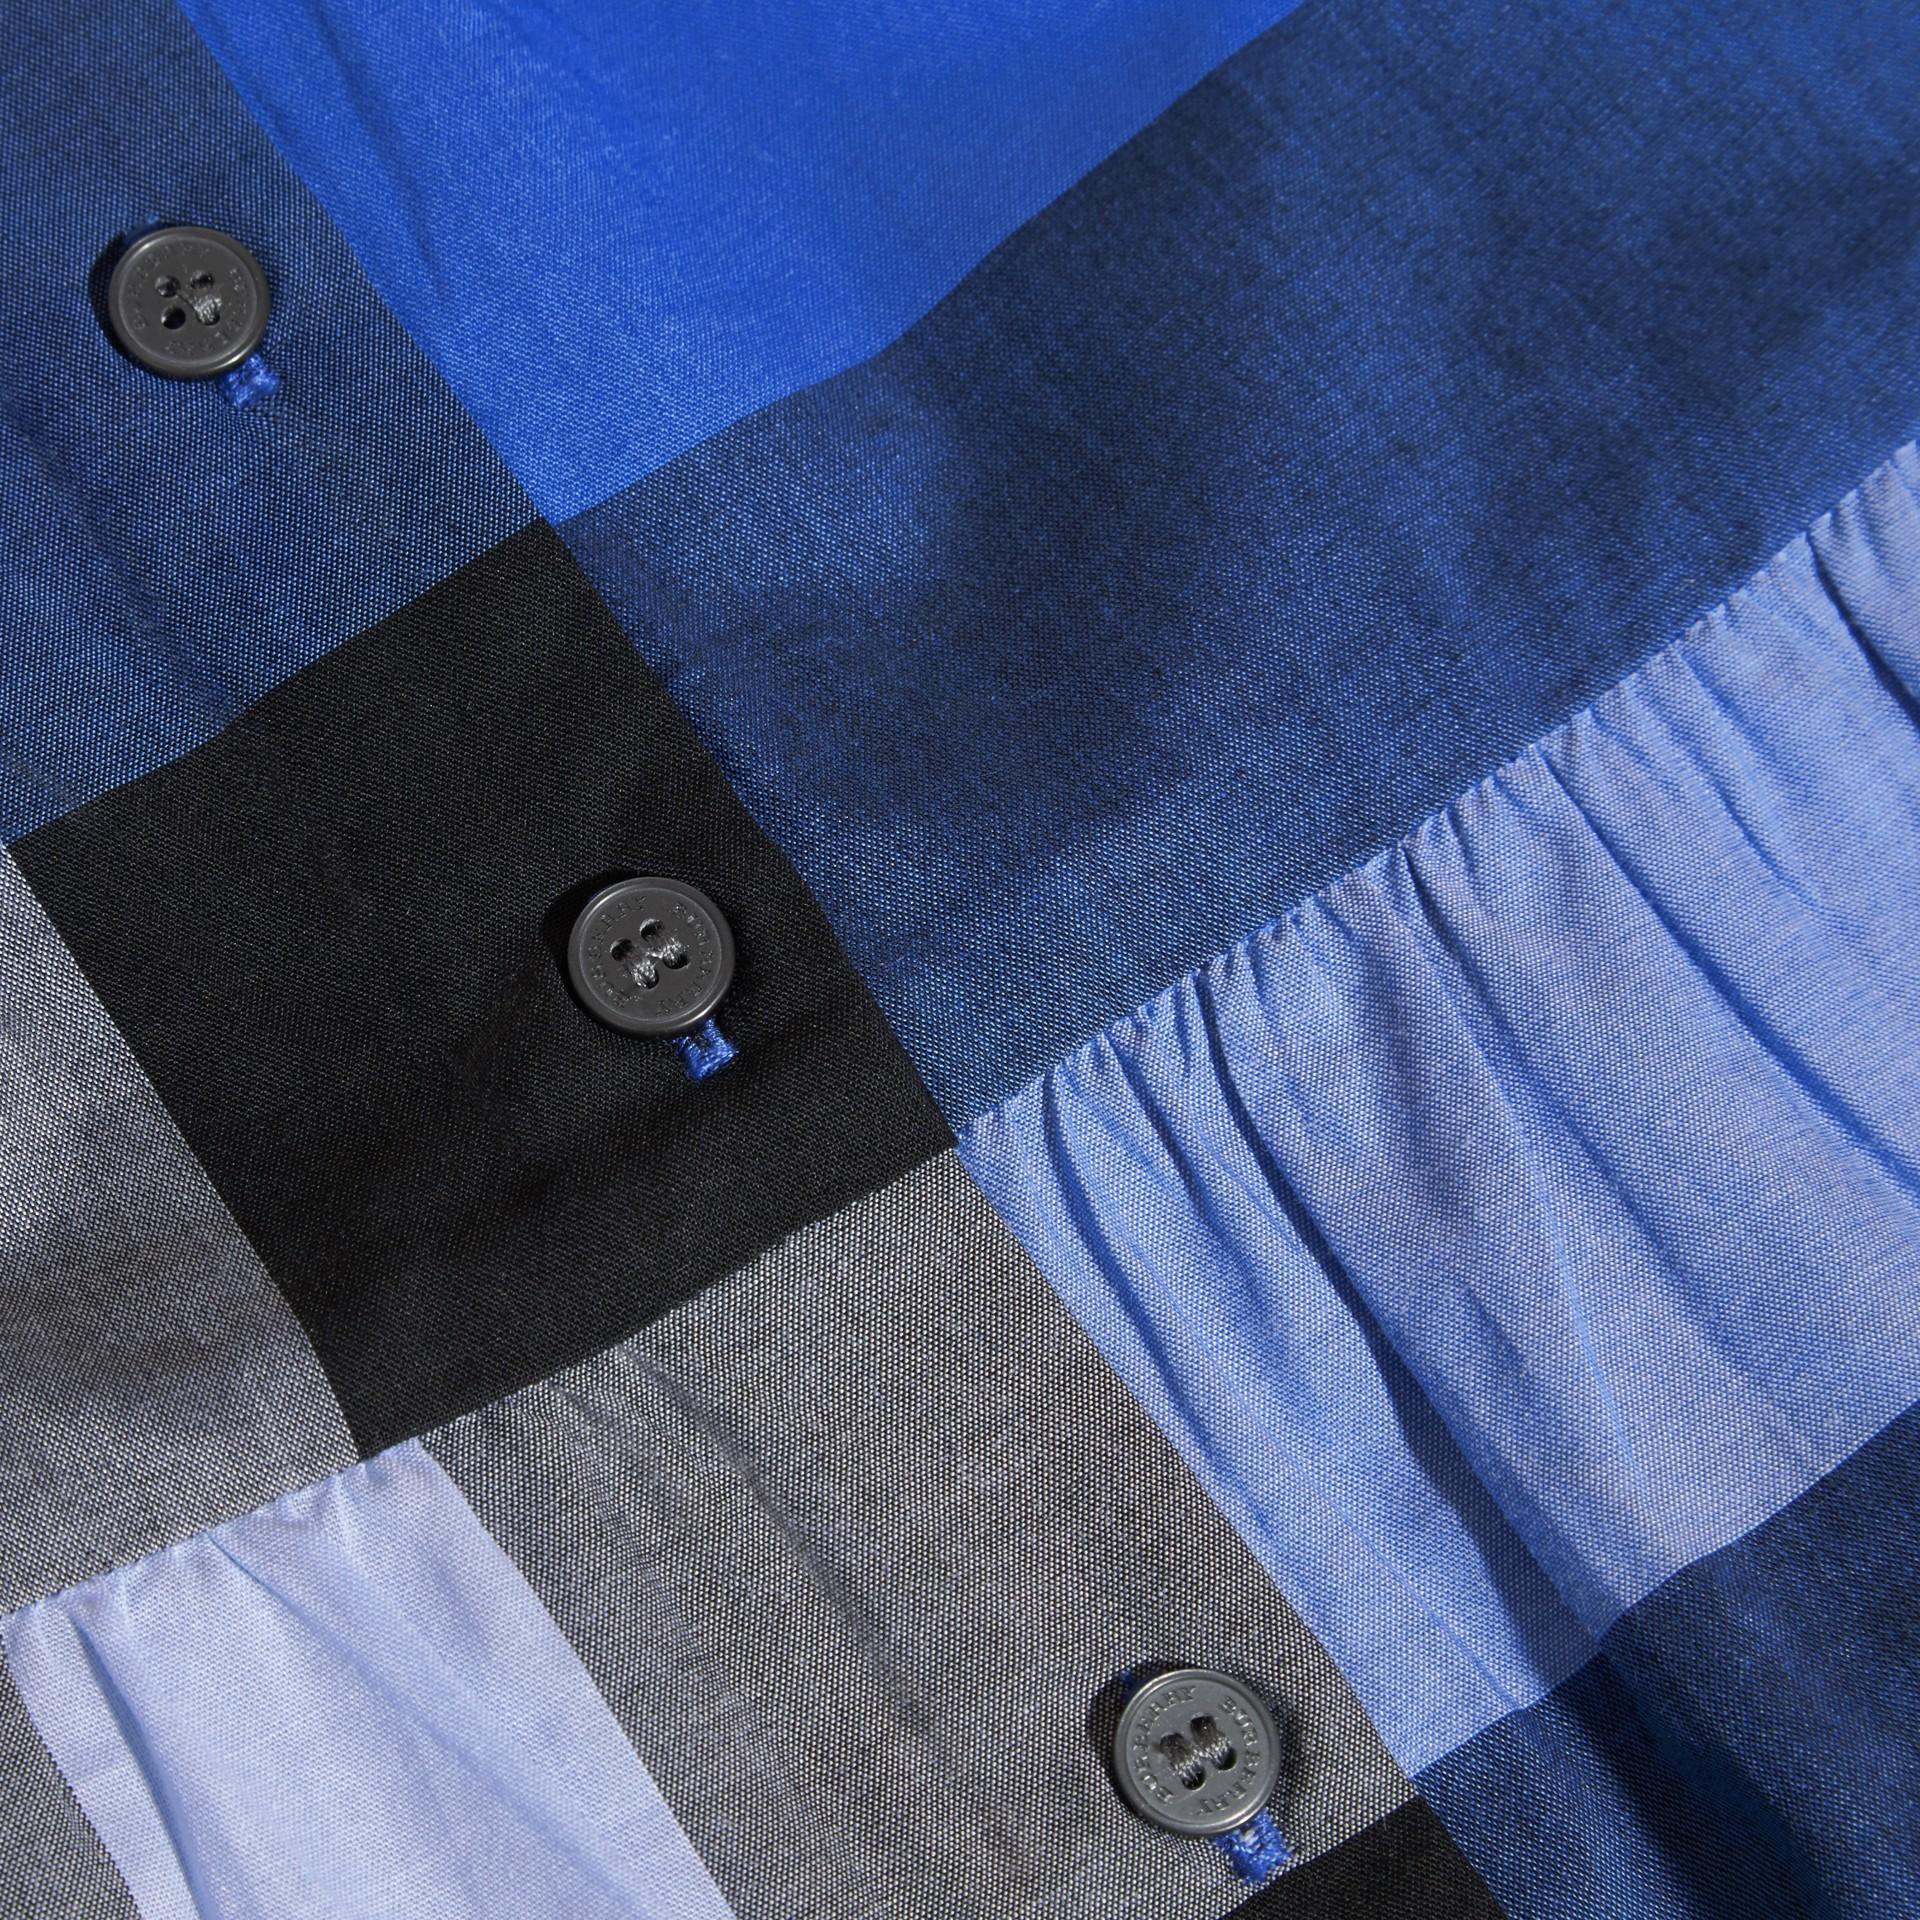 Blu ortensia intenso Blusa in cotone con maniche a sbuffo e motivo check Ortensia Intenso - immagine della galleria 2